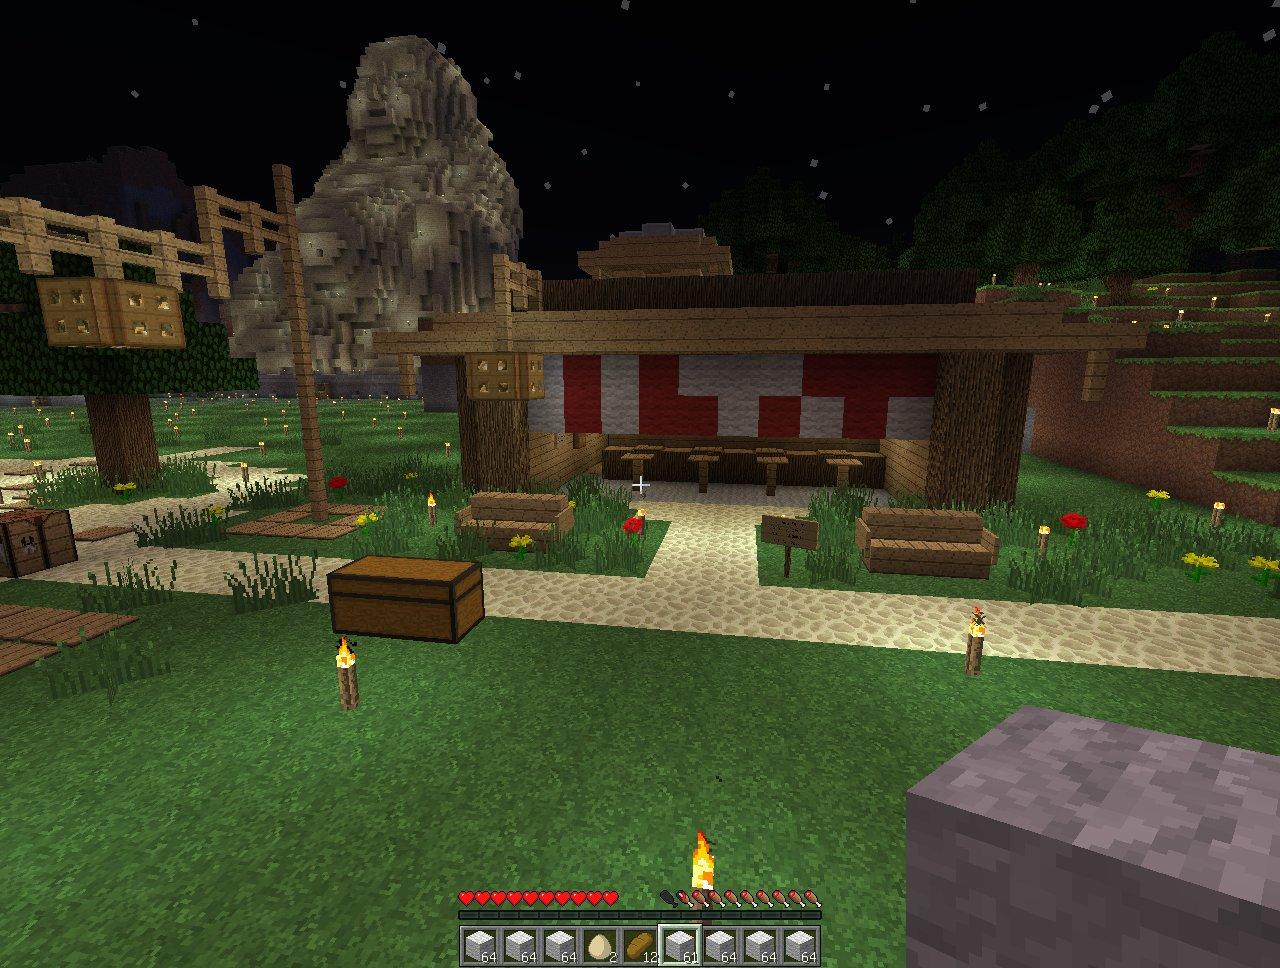 [Projet] Kumo, le village caché des Ninjas. 889552f5-69de-4788-b7c0-2b7079d331ae